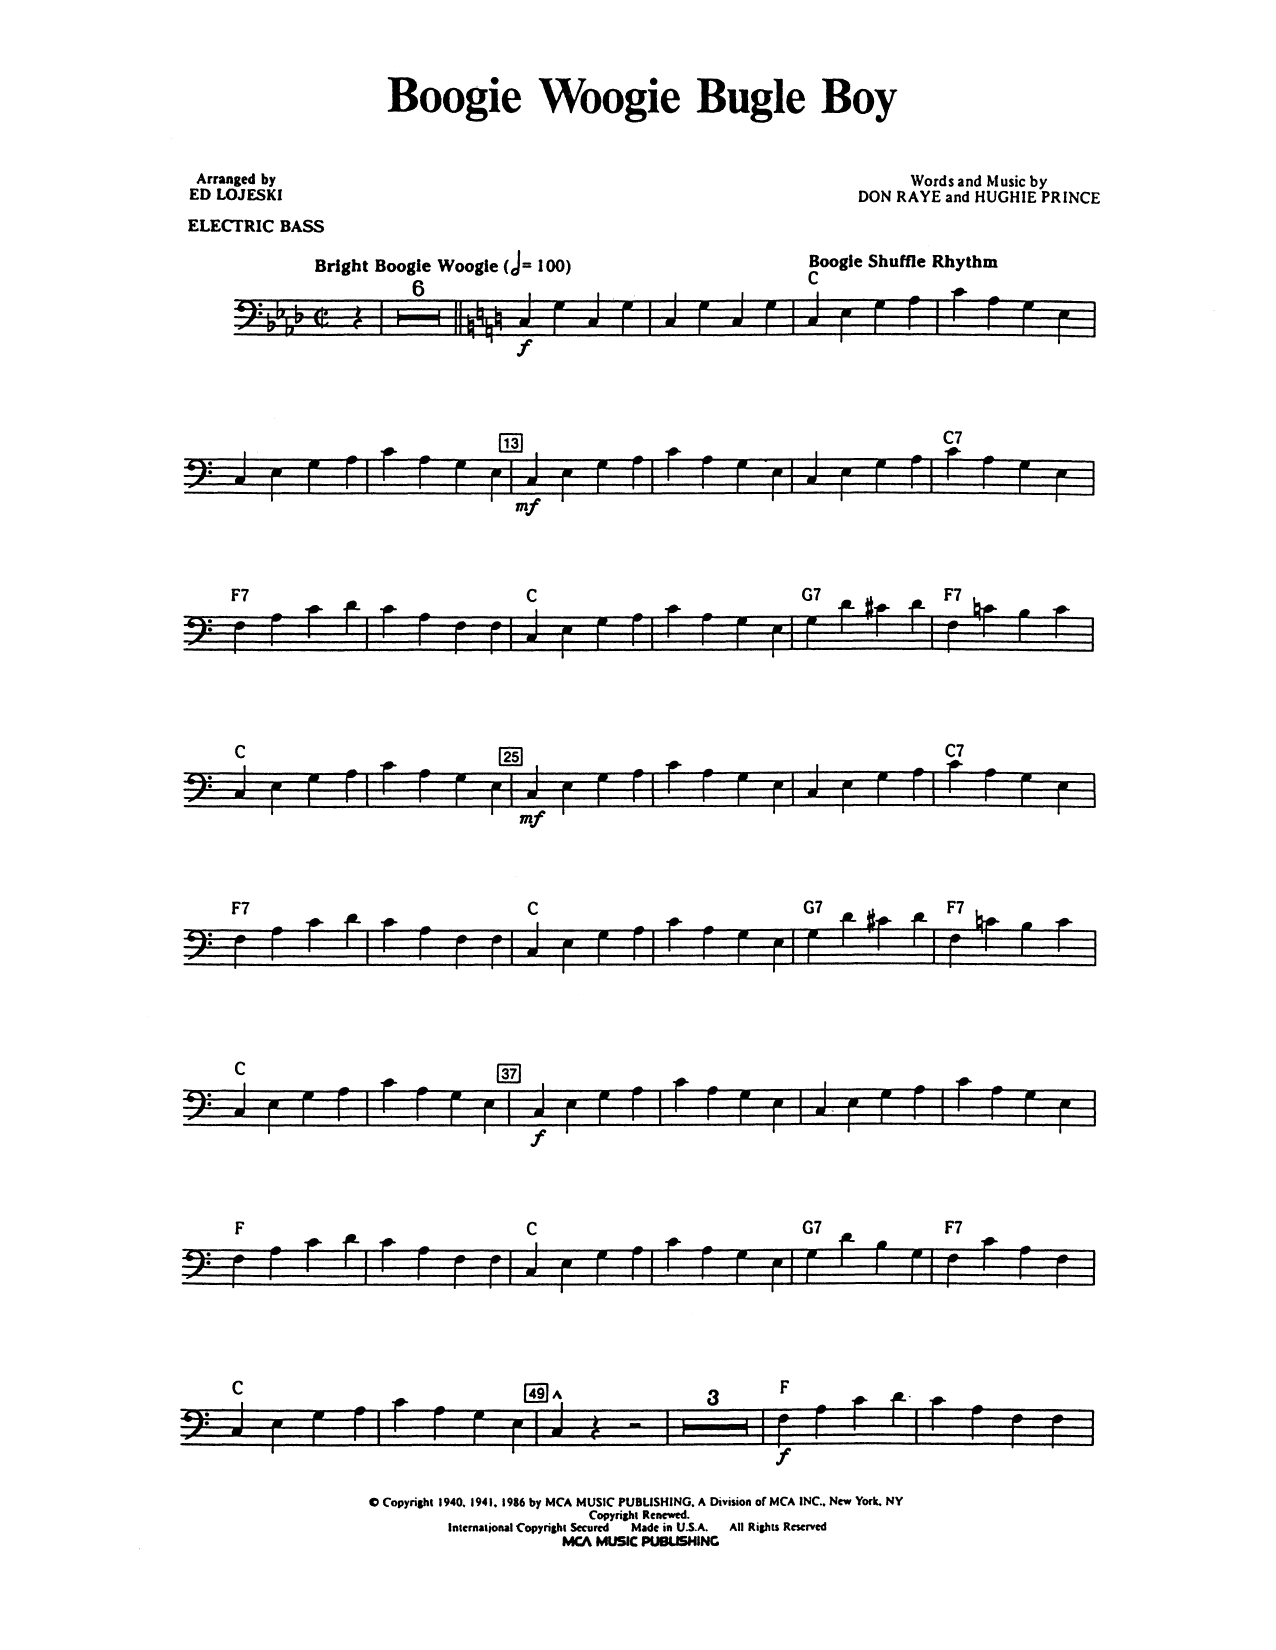 Boogie Woogie Bugle Boy - Electric Bass Sheet Music